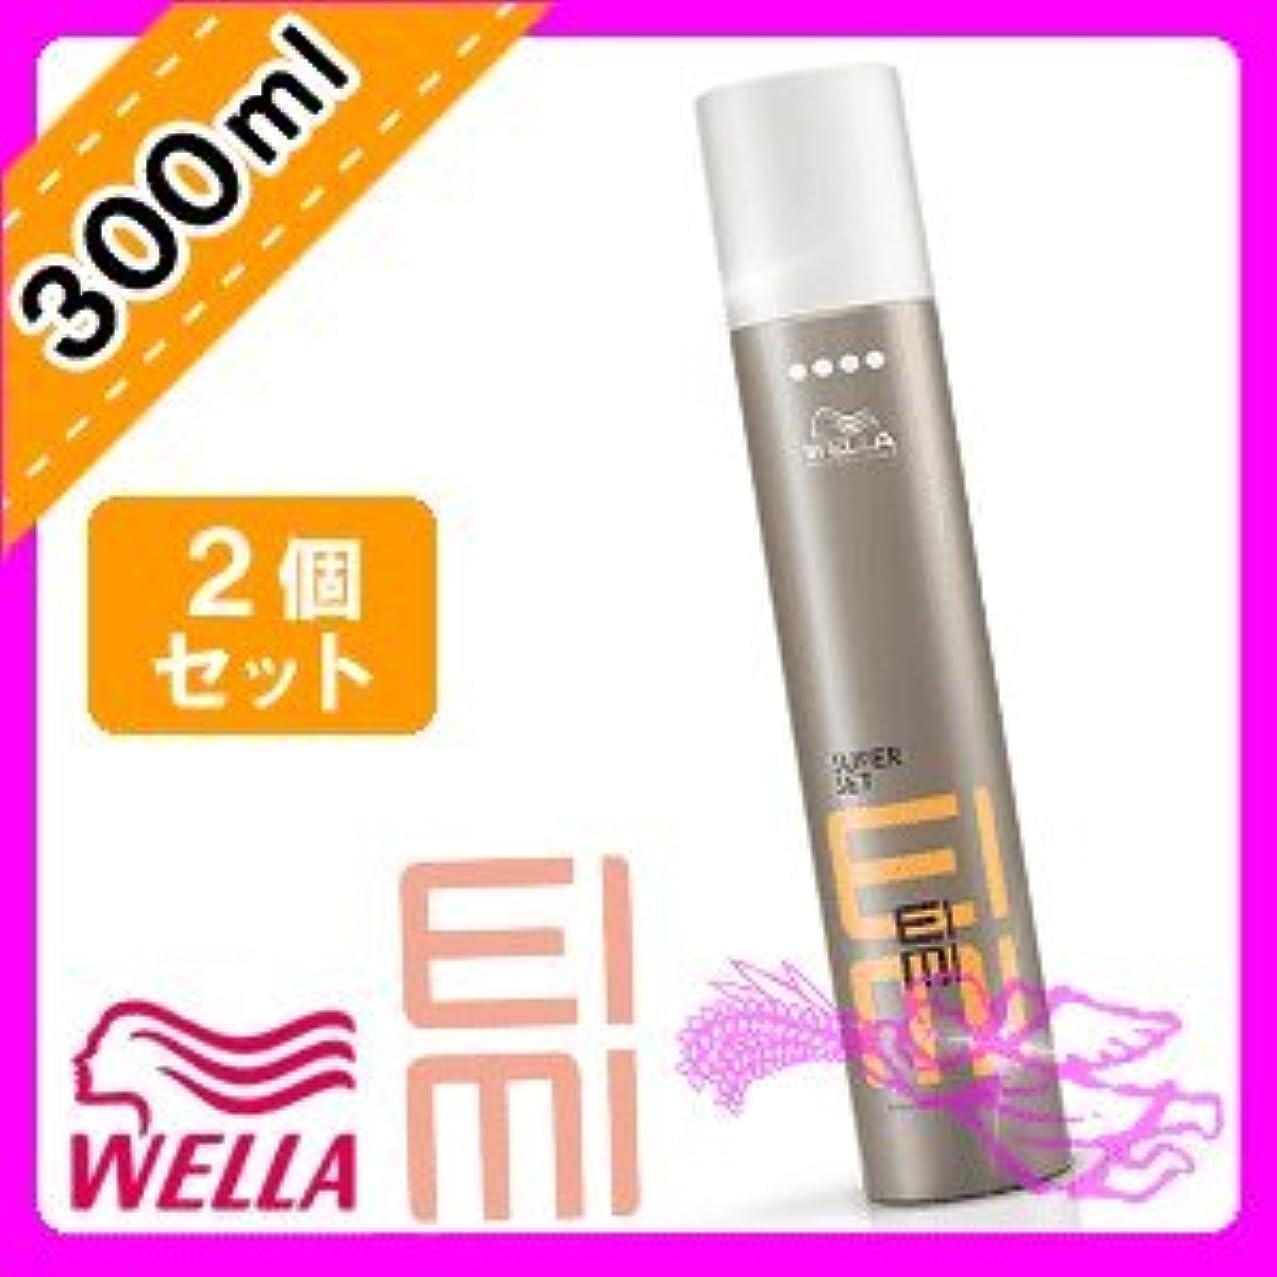 甘味現実コレクションウエラ EIMI(アイミィ) スーパーセットスプレー 300ml ×2個 セット WELLA P&G